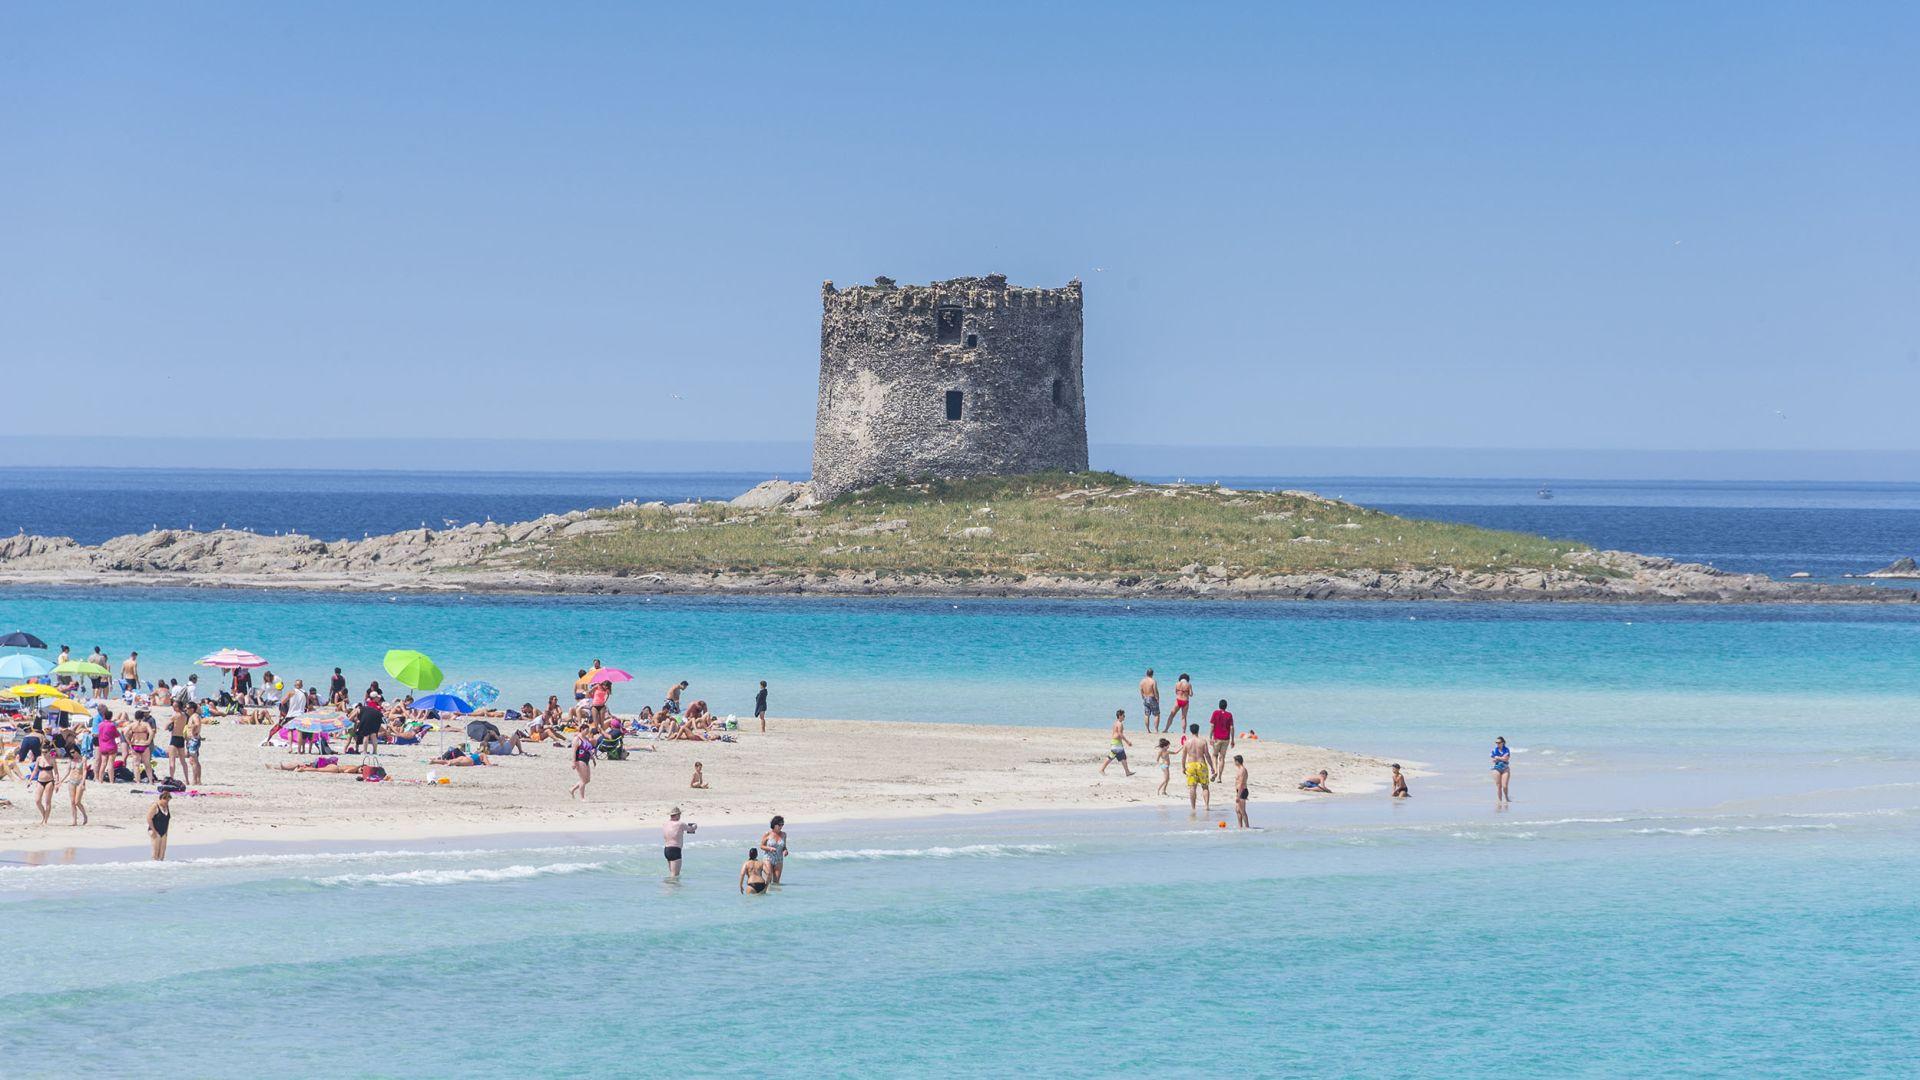 Karte Sardinien Strände.ᐅ Sardinien Die 10 Schönsten Strände Reisemagazin Holidaycheck